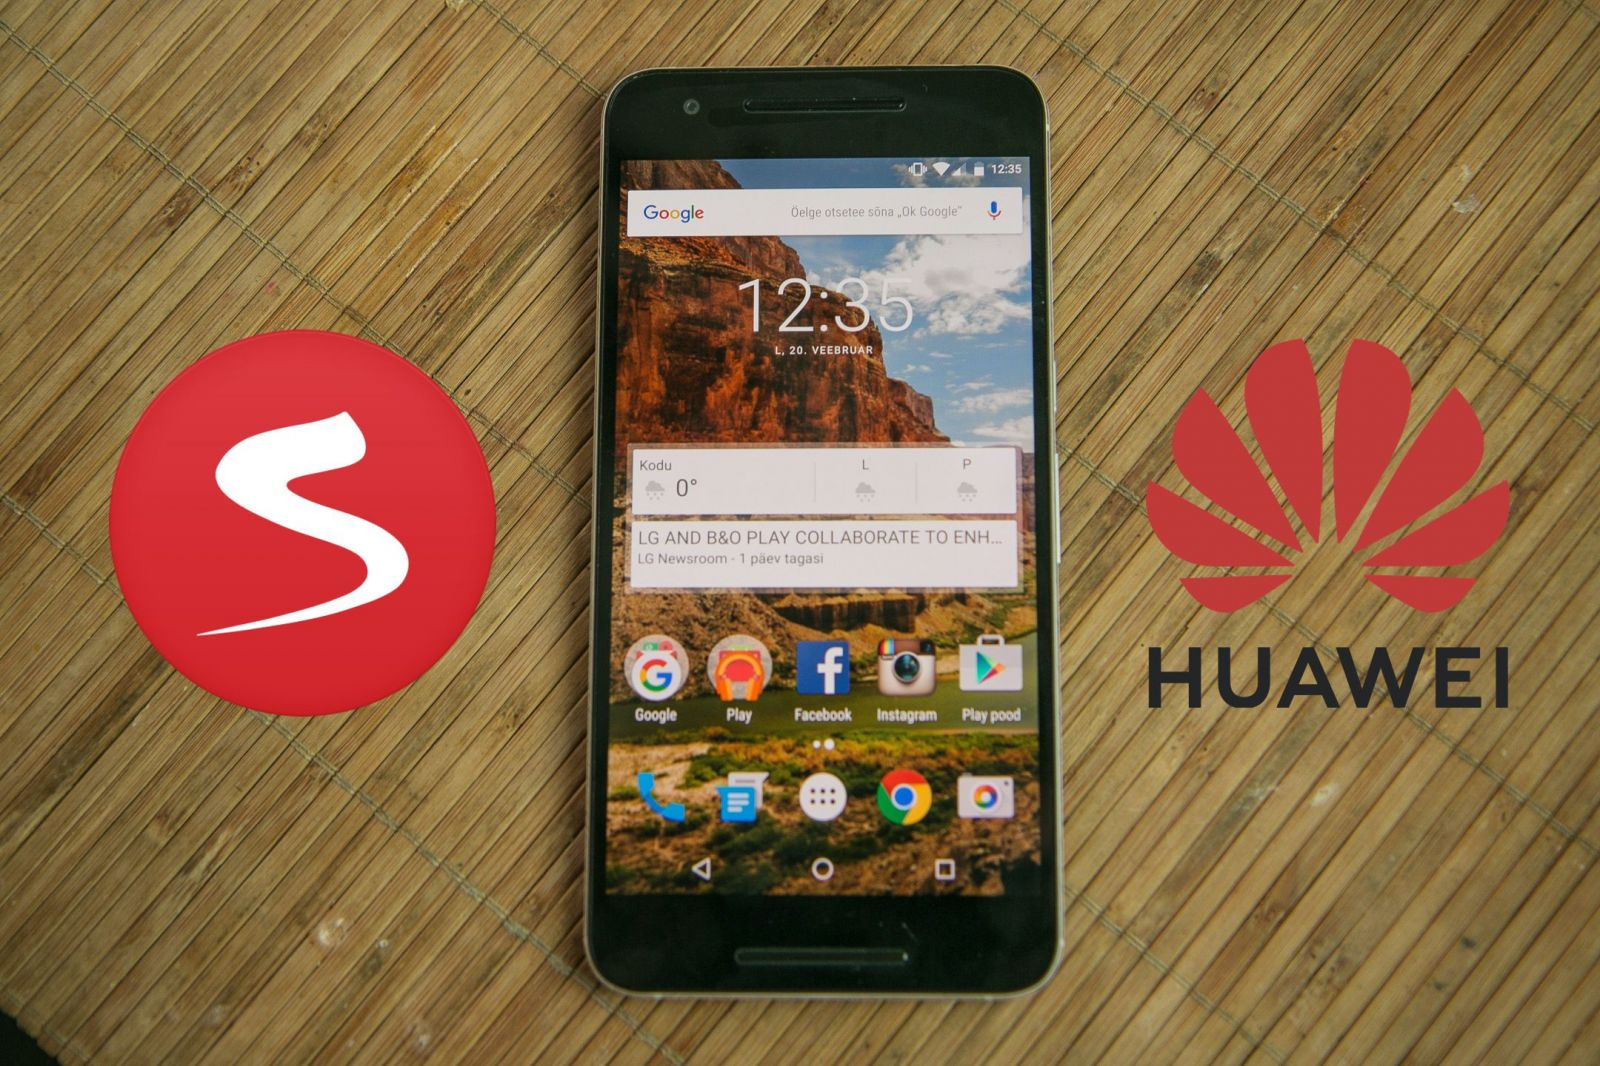 Místo Google vyhledávače Seznam. Česká firma začala spolupracovat s kontroverzním Huaweiem